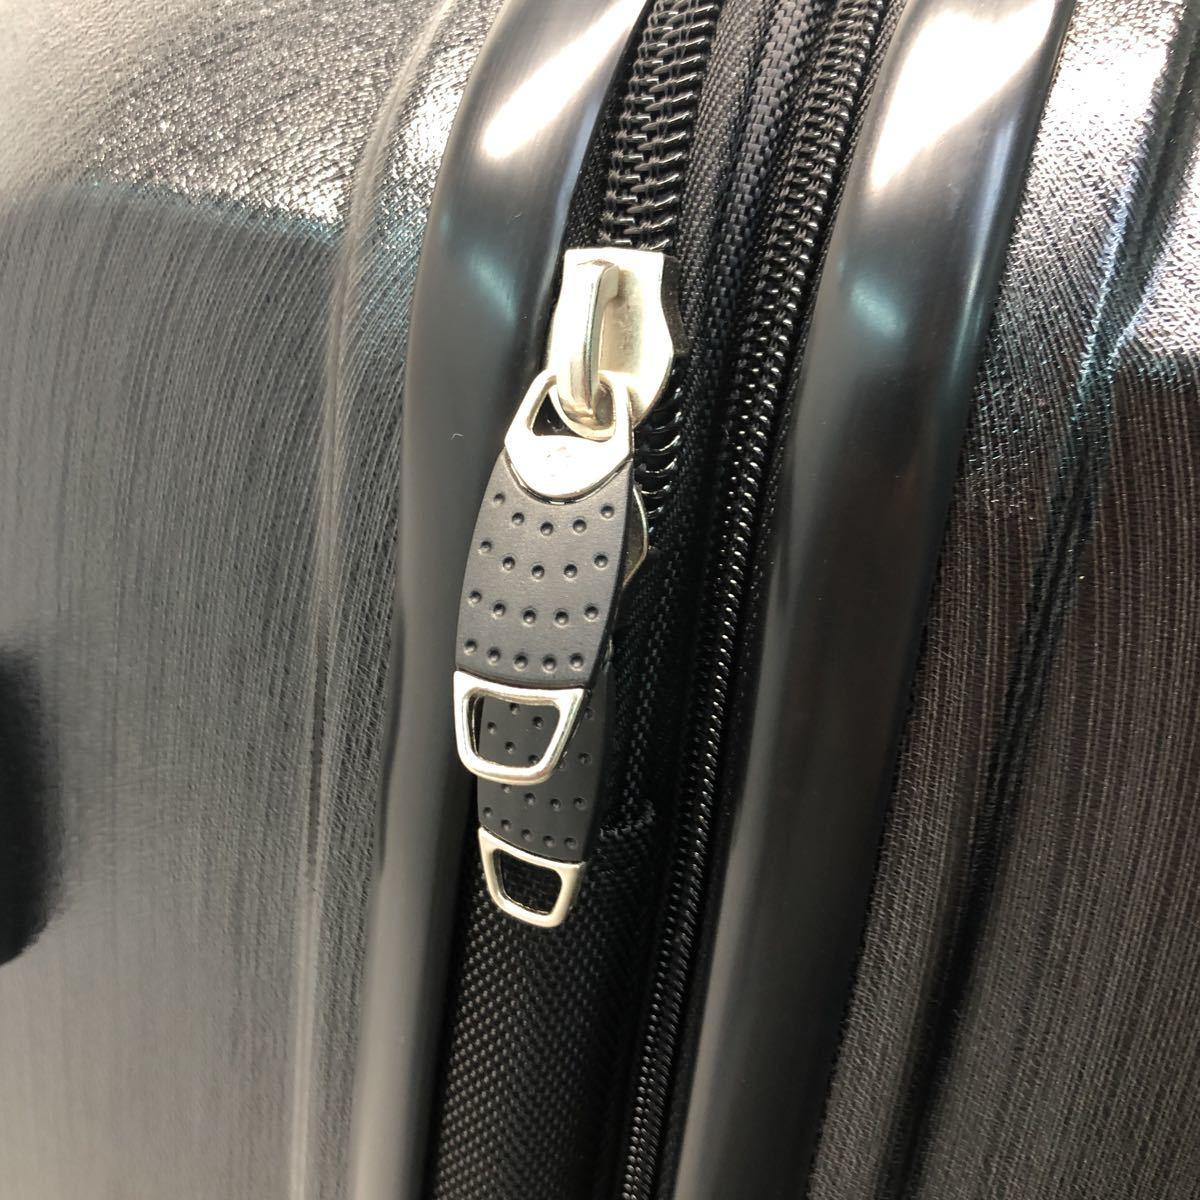 展示品 SAMSONITE サムソナイト スーツケース キャリーバッグ 27インチ_画像4